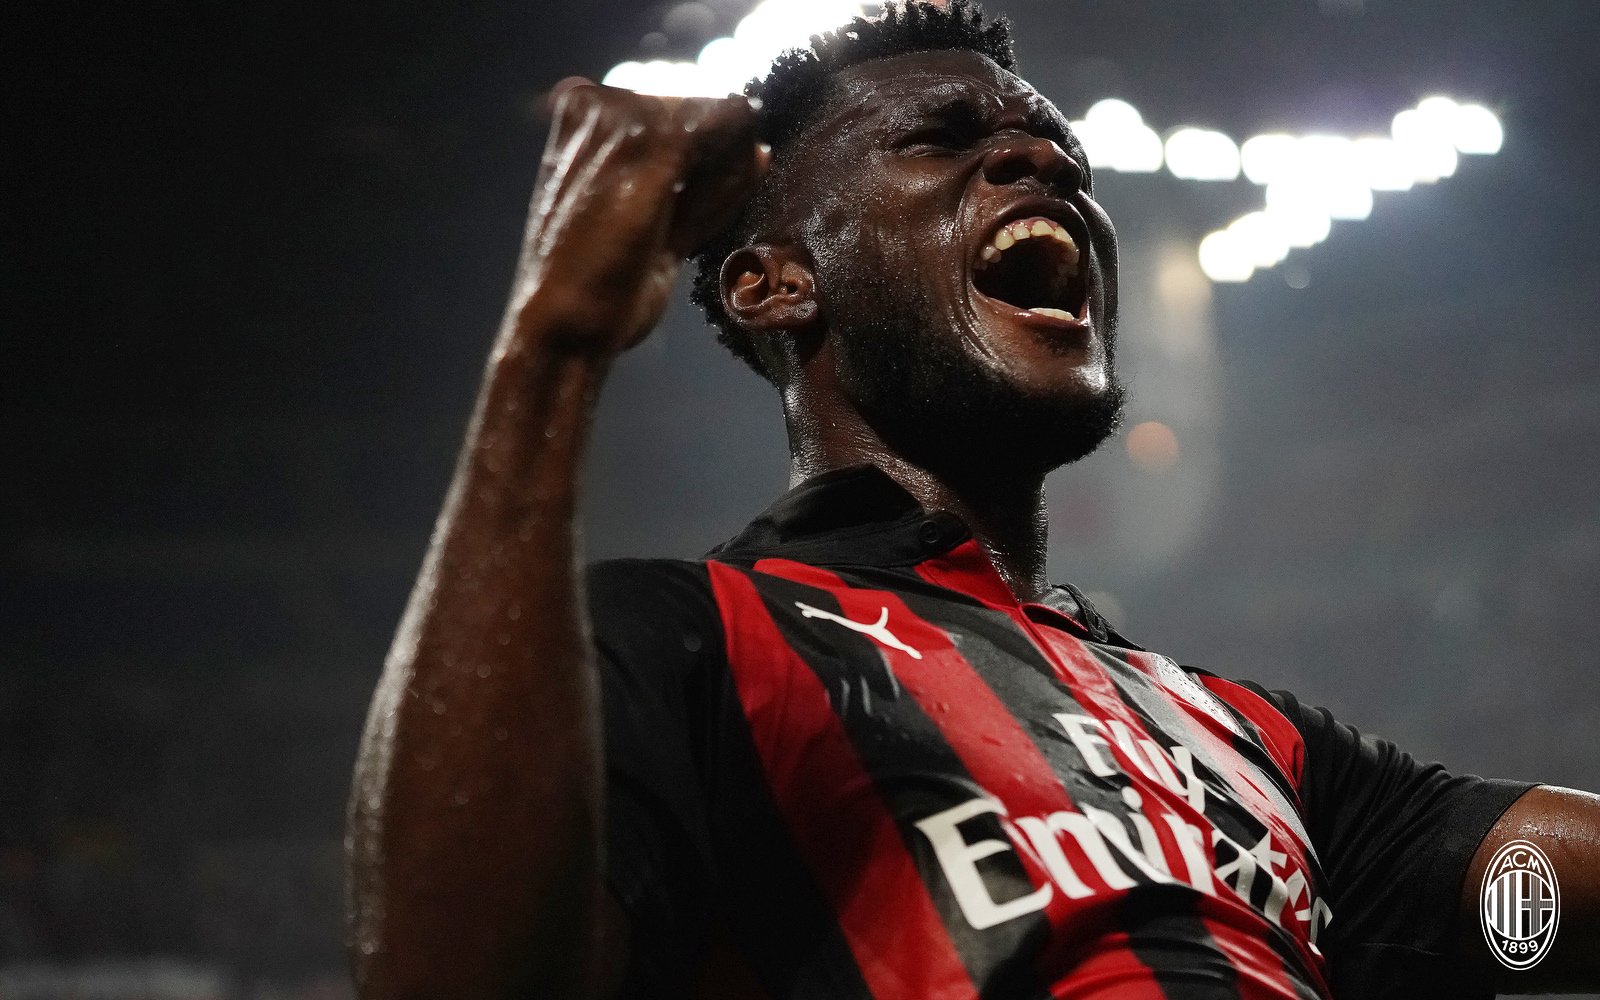 Топ прогноза за Милан - Интер